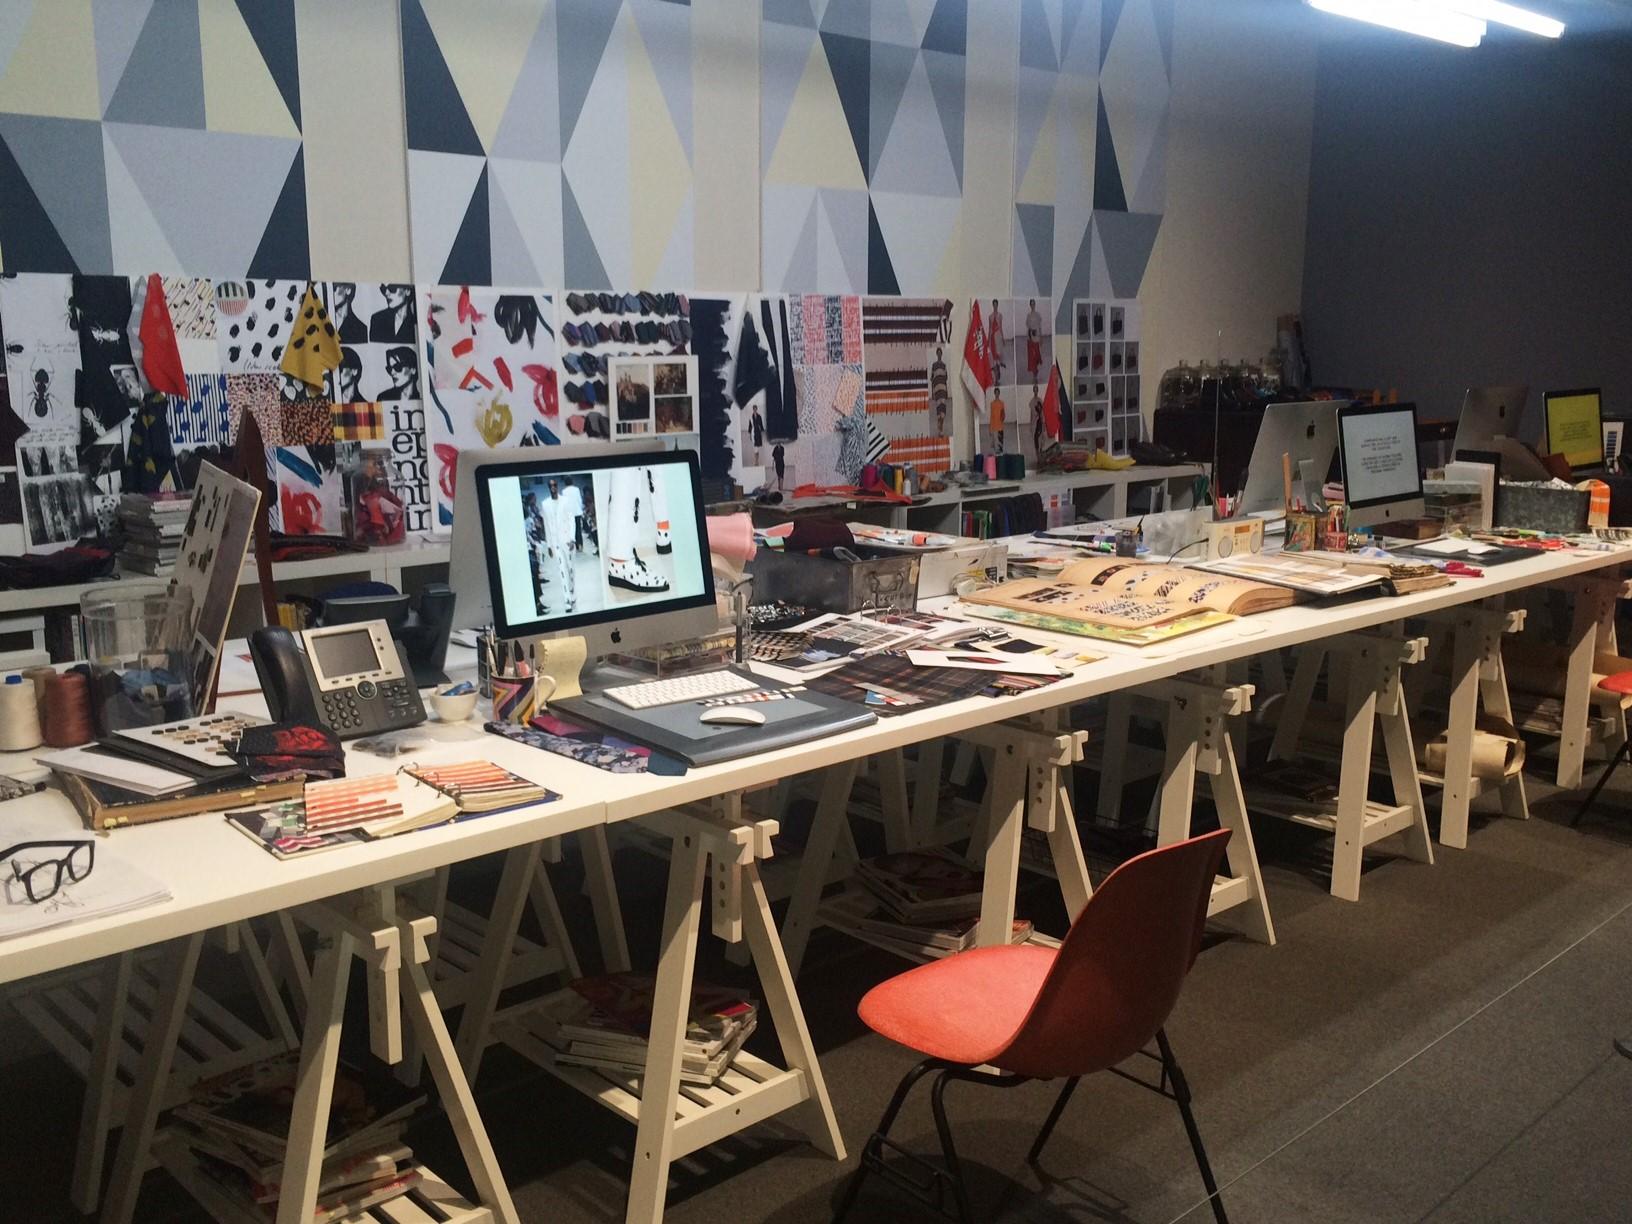 カラフルな作品と展示に心躍る!「ポール・スミス展」 in 名古屋体験レポート - IMG 7902